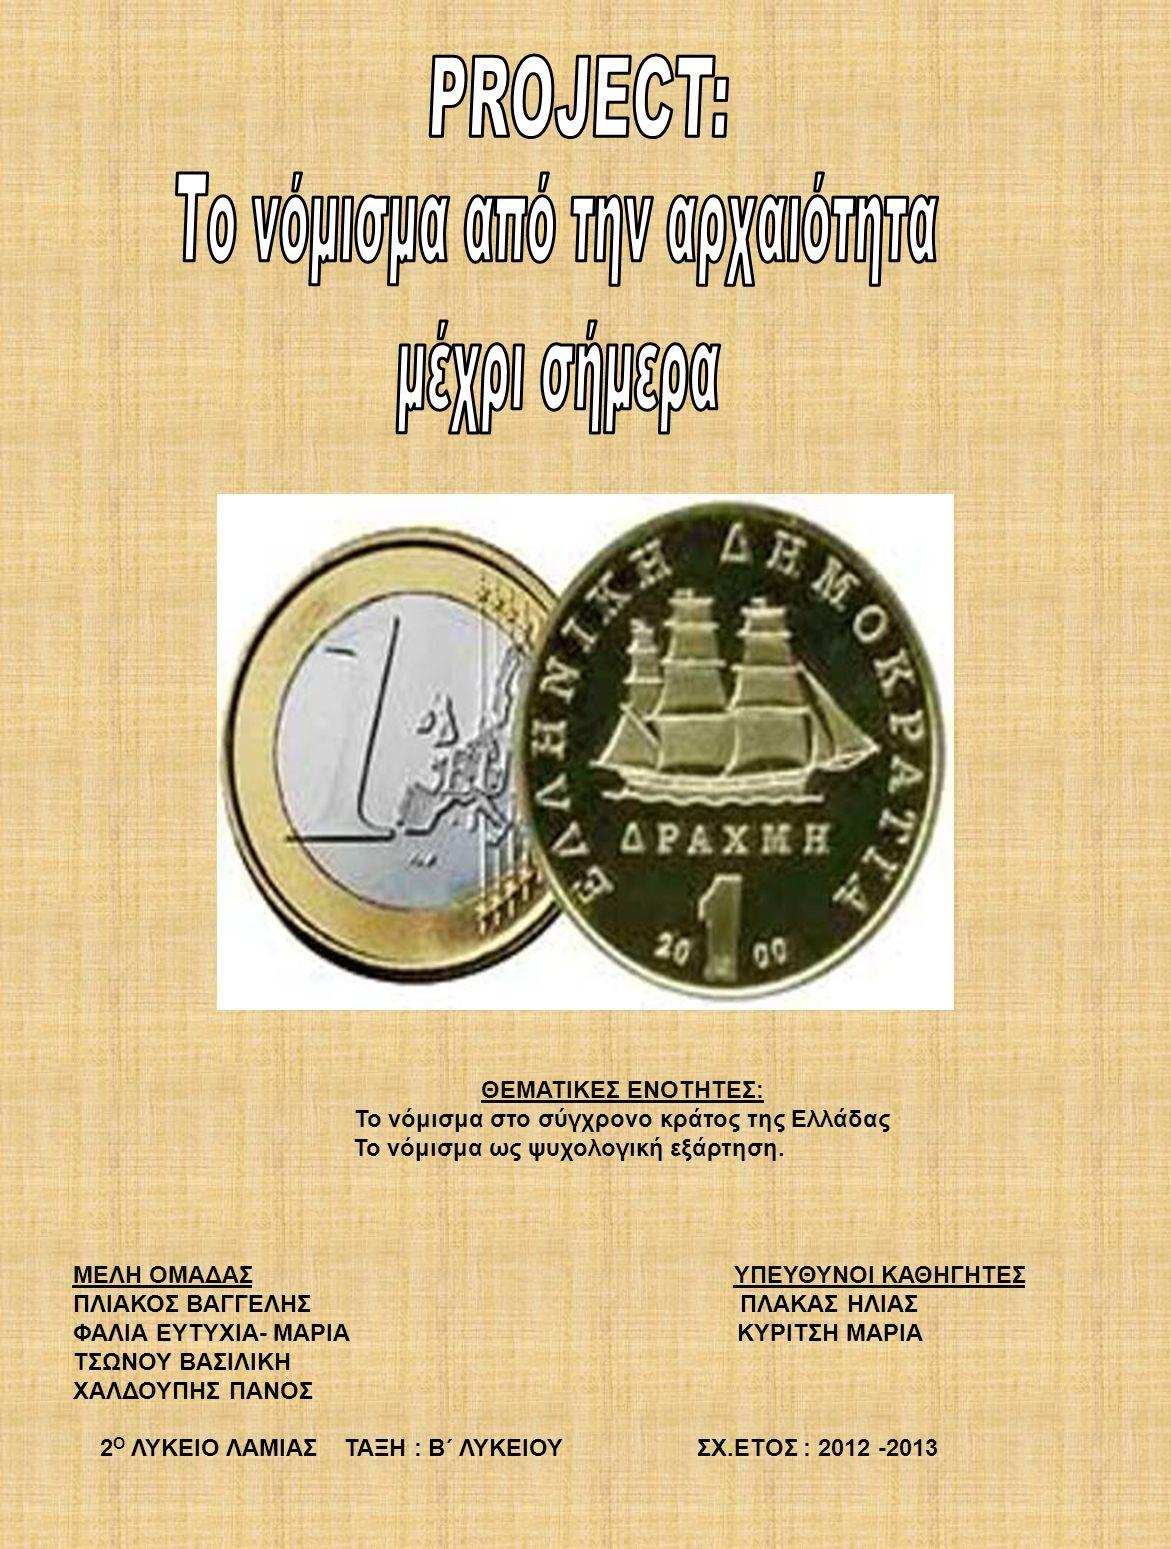 Ο Φοίνικας ► Ο Φοίνιξ ήταν το πρώτο και ασημένιο νόμισμα που κυκλοφόρησε στο κράτος της σύγχρονης Ελλάδος.